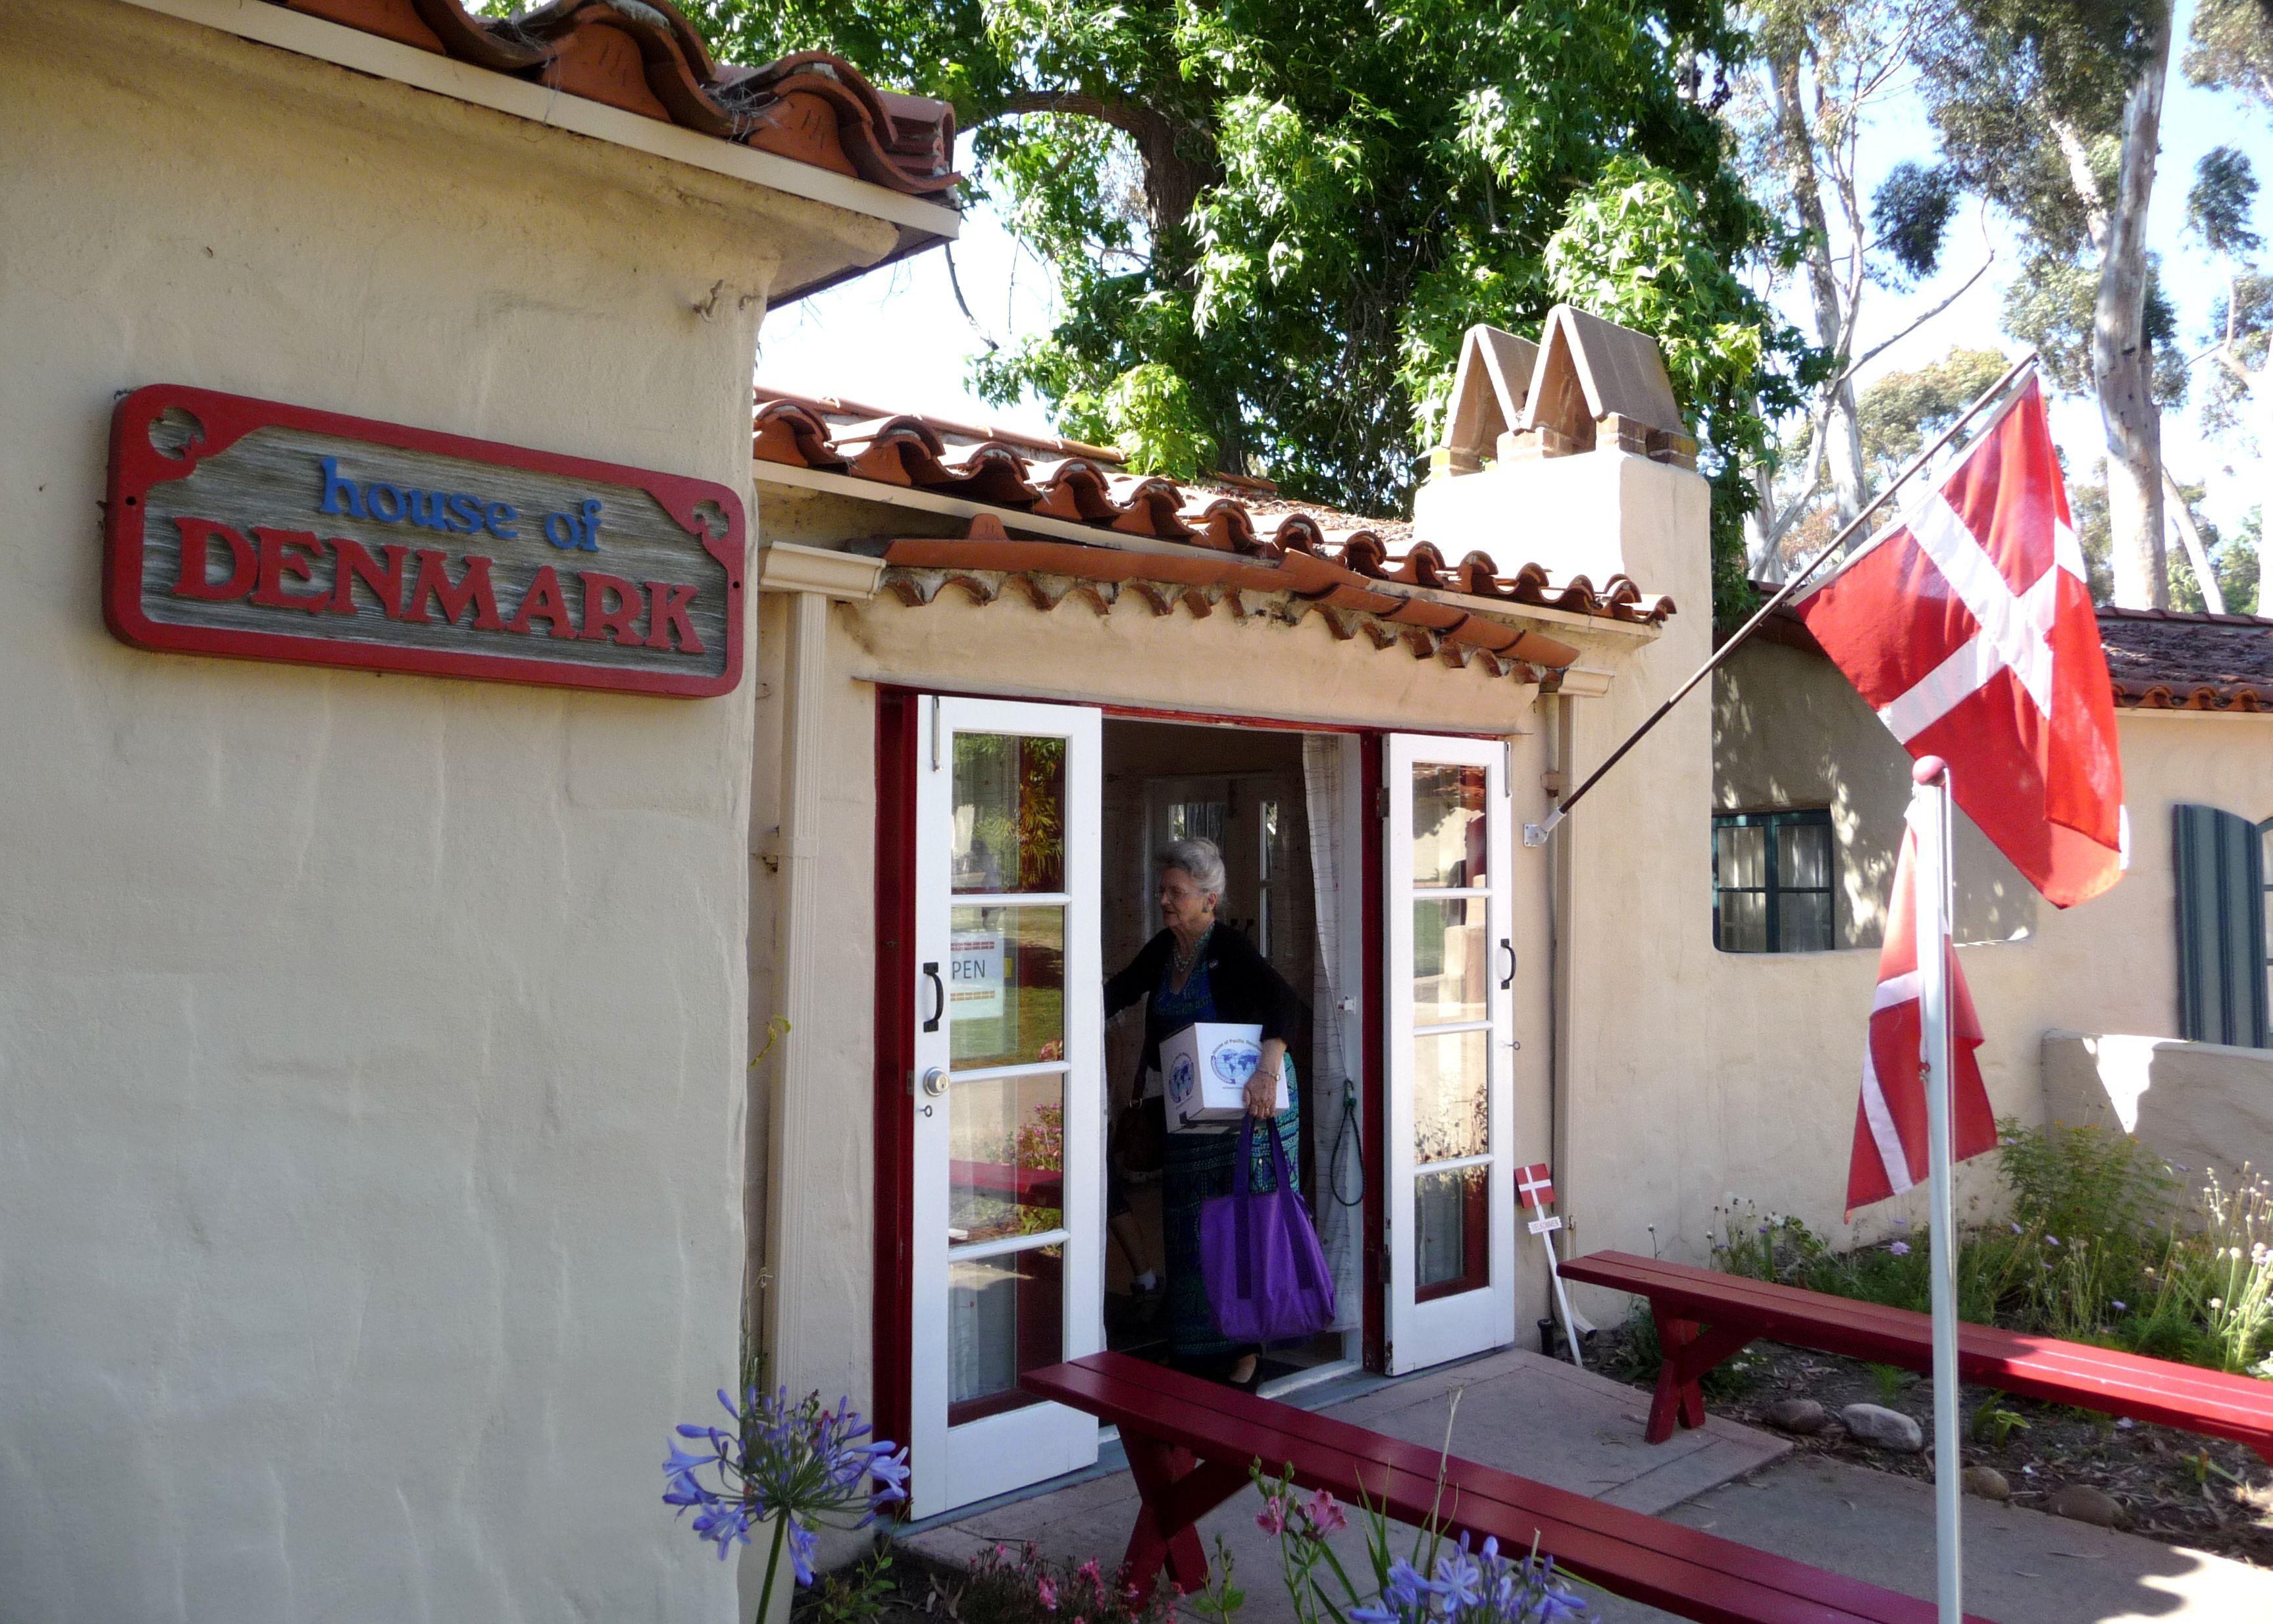 House of Denmark in Balboa Park, San Diego